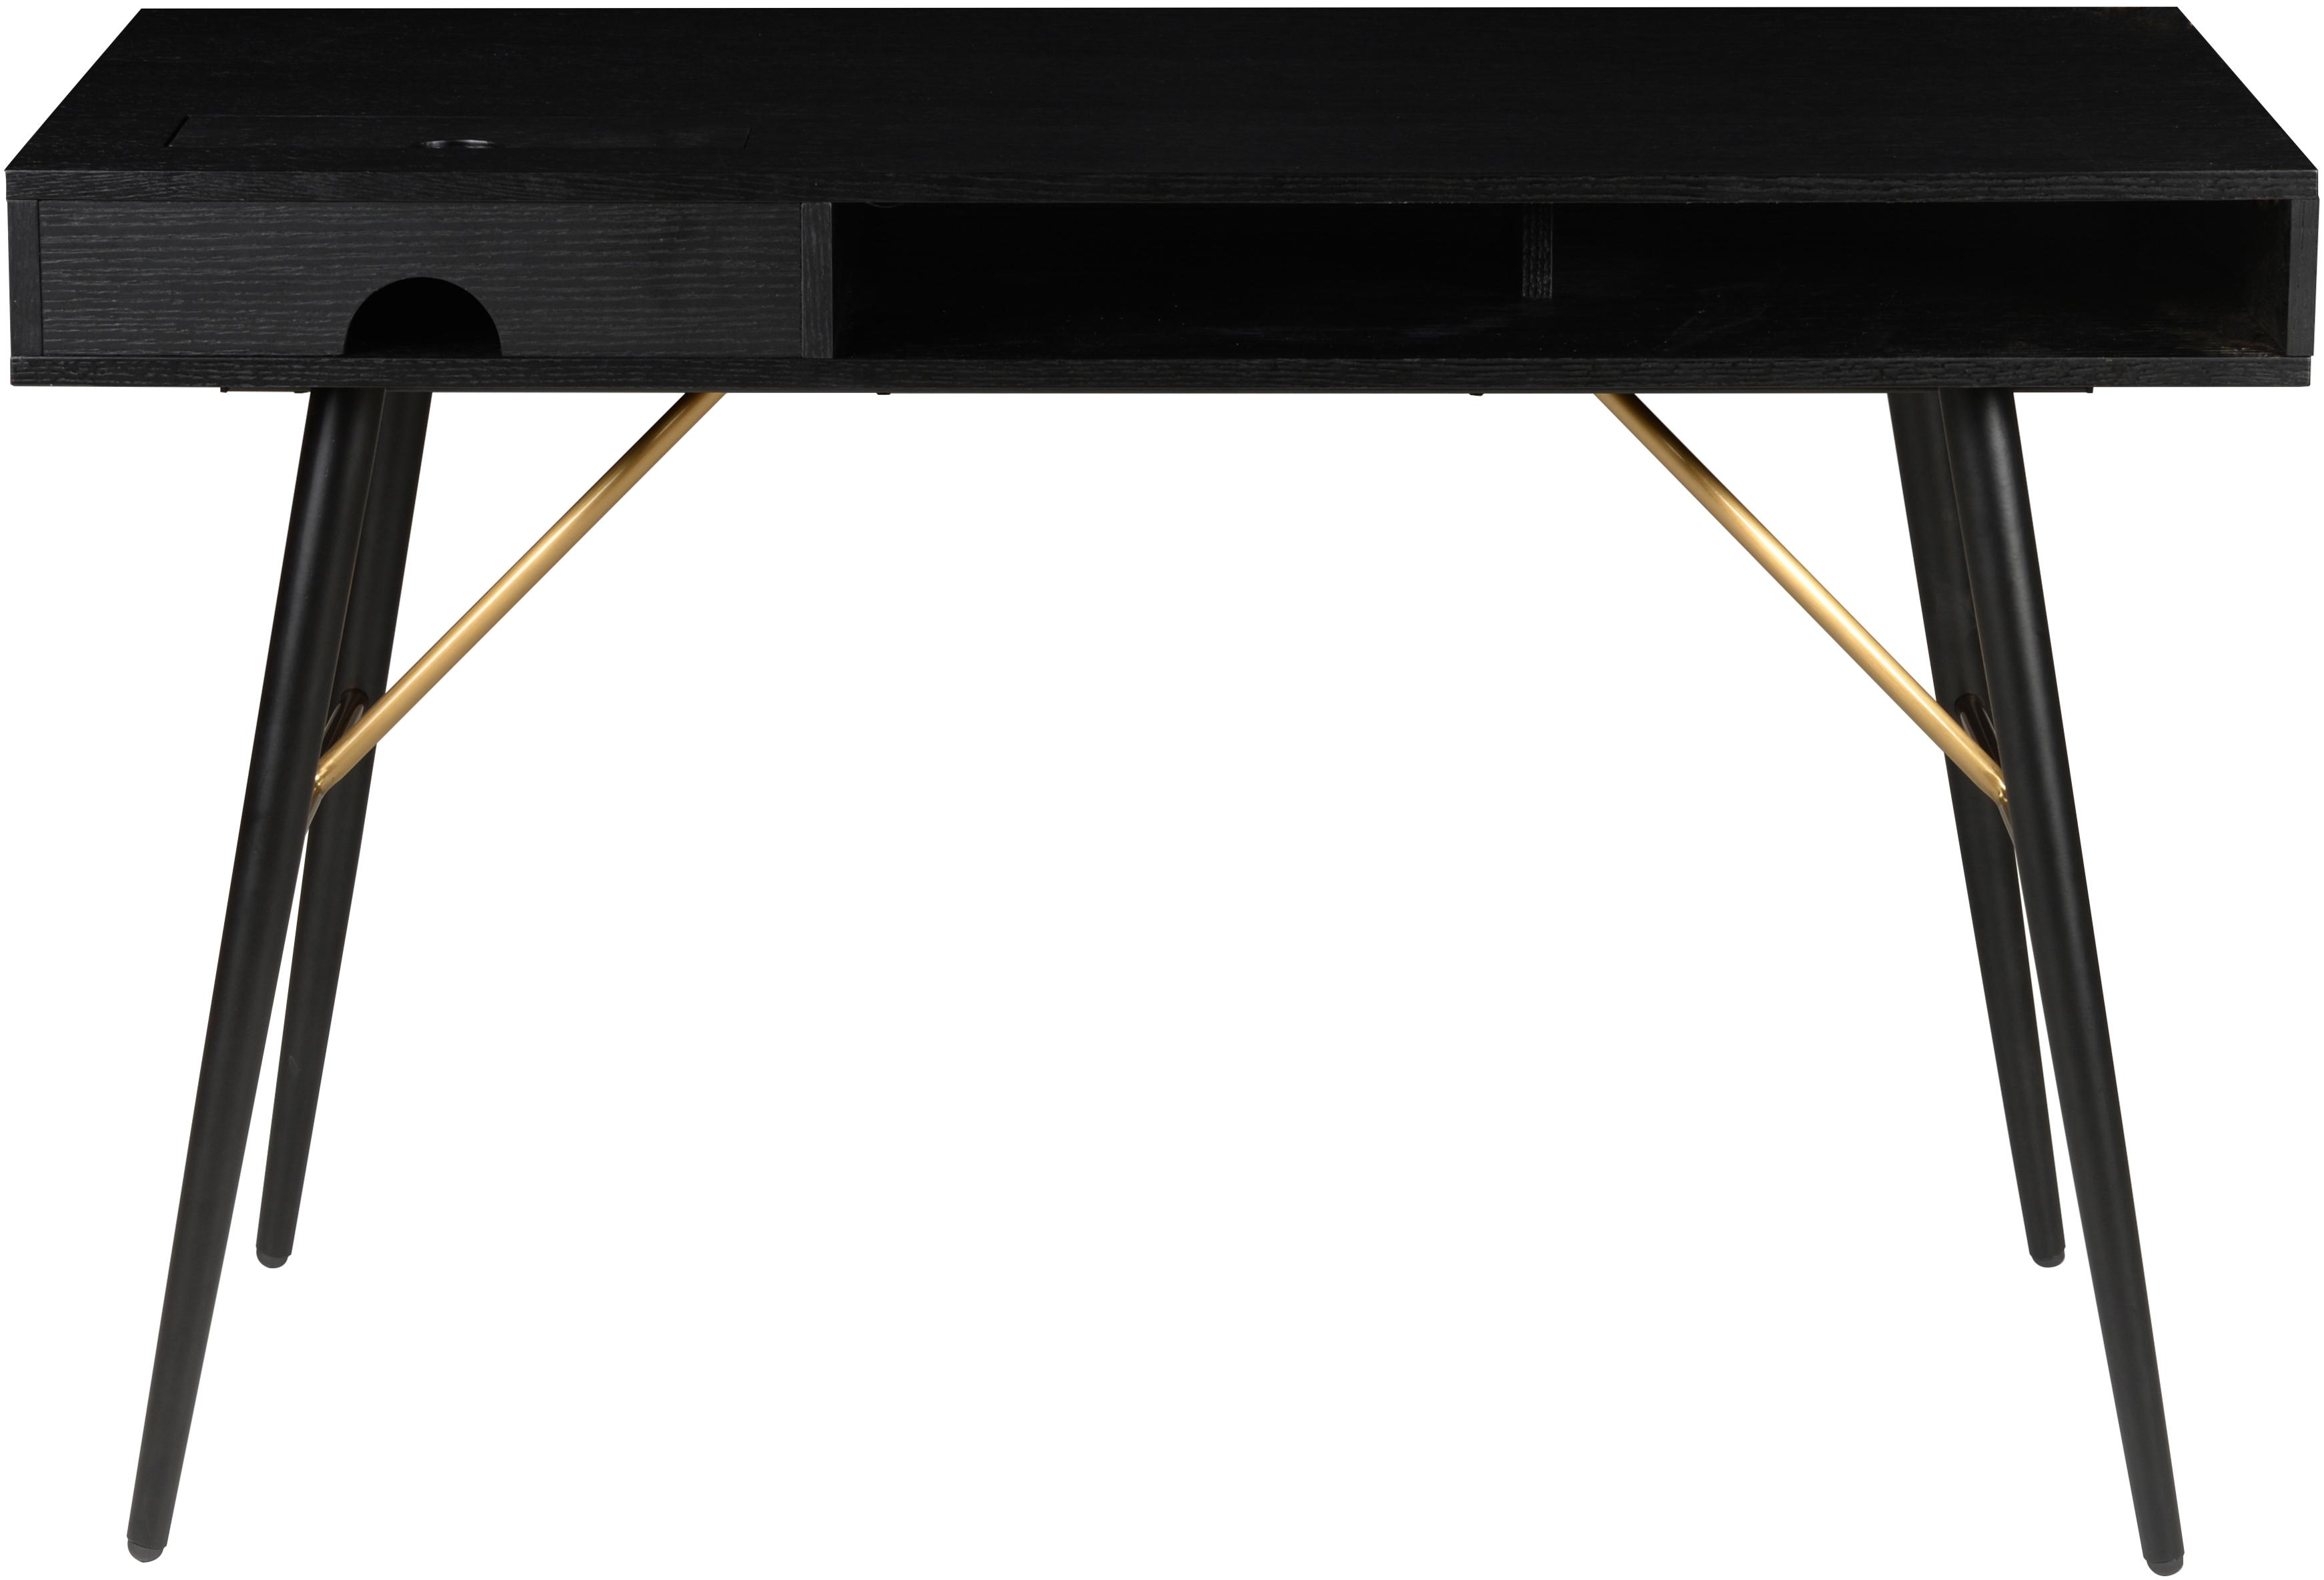 Schreibtisch Verona in Schwarz, Korpus: Mitteldichte Holzfaserpla, Beine: Metall, pulverbeschichtet, Schwarz, B 117 x T 57 cm